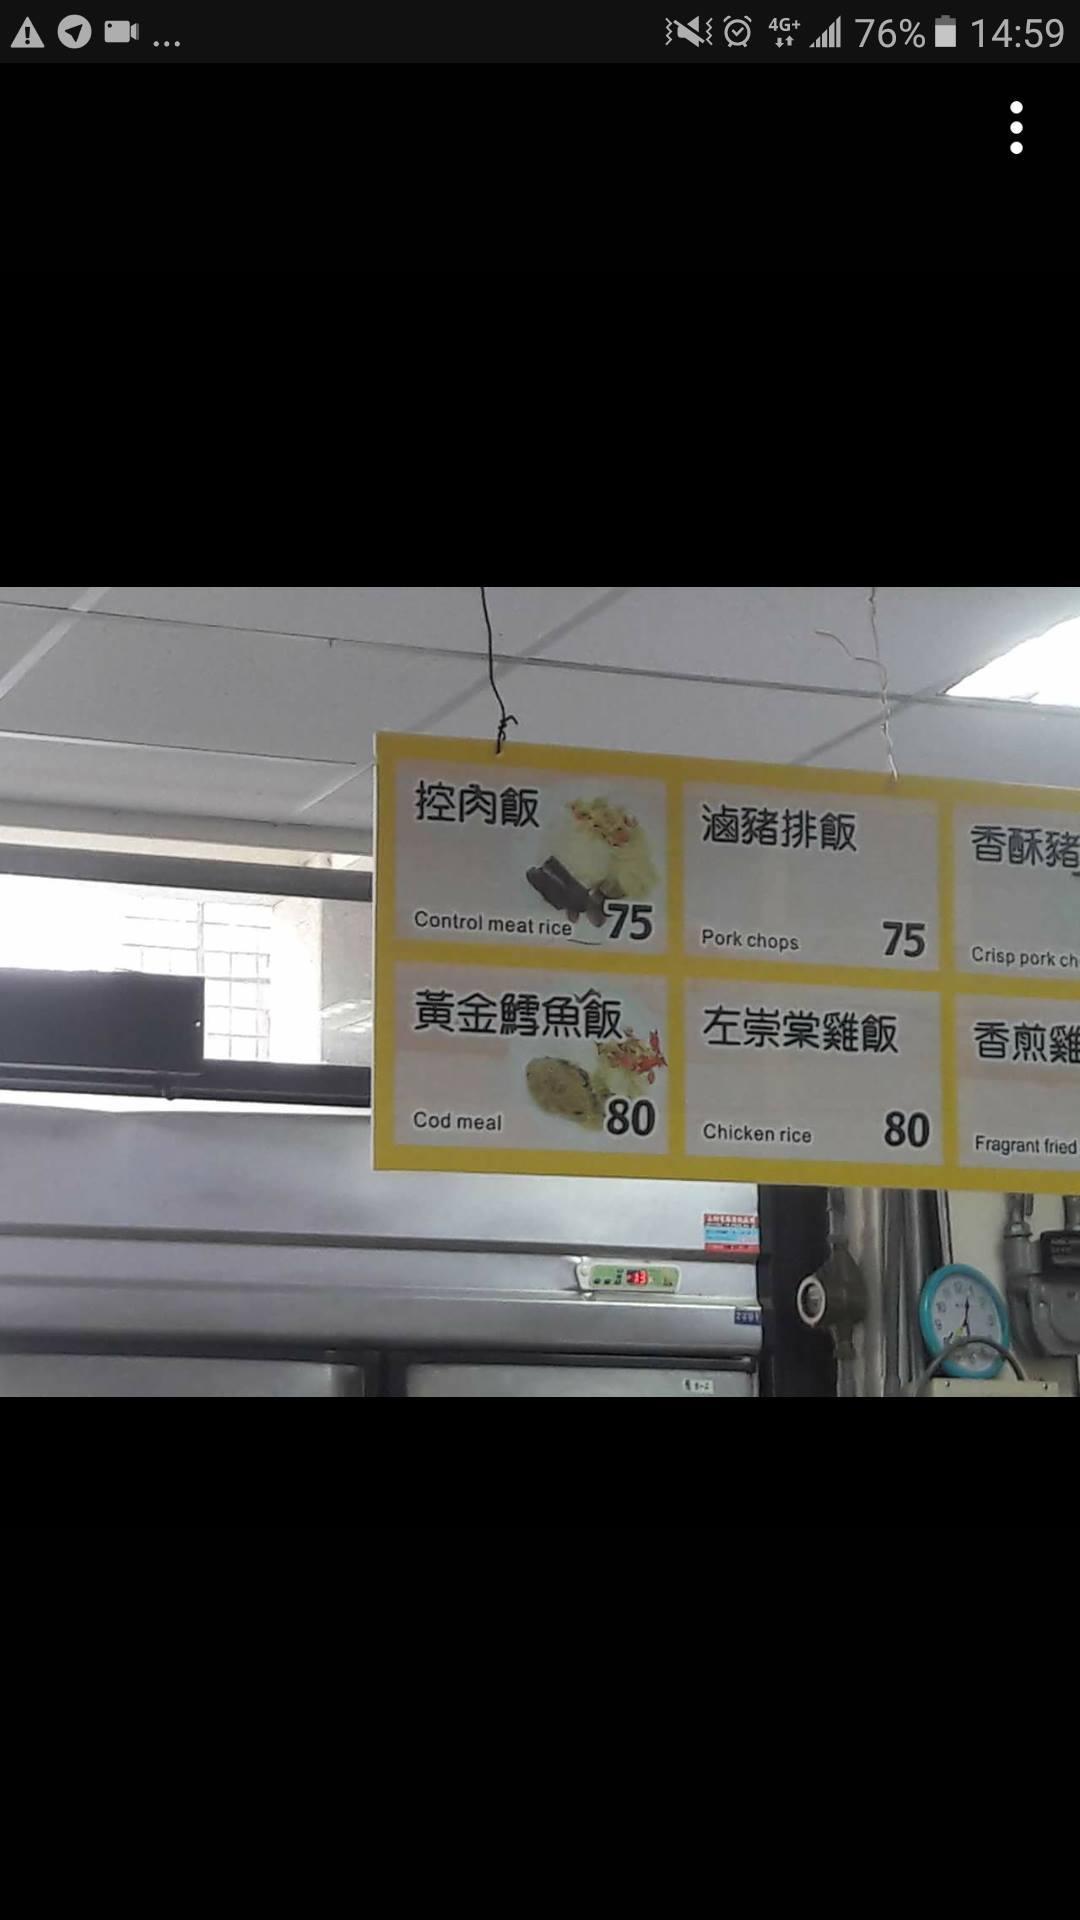 一位網友在臉書《靠北交大》貼出一張餐廳菜單照。圖擷自靠北交大